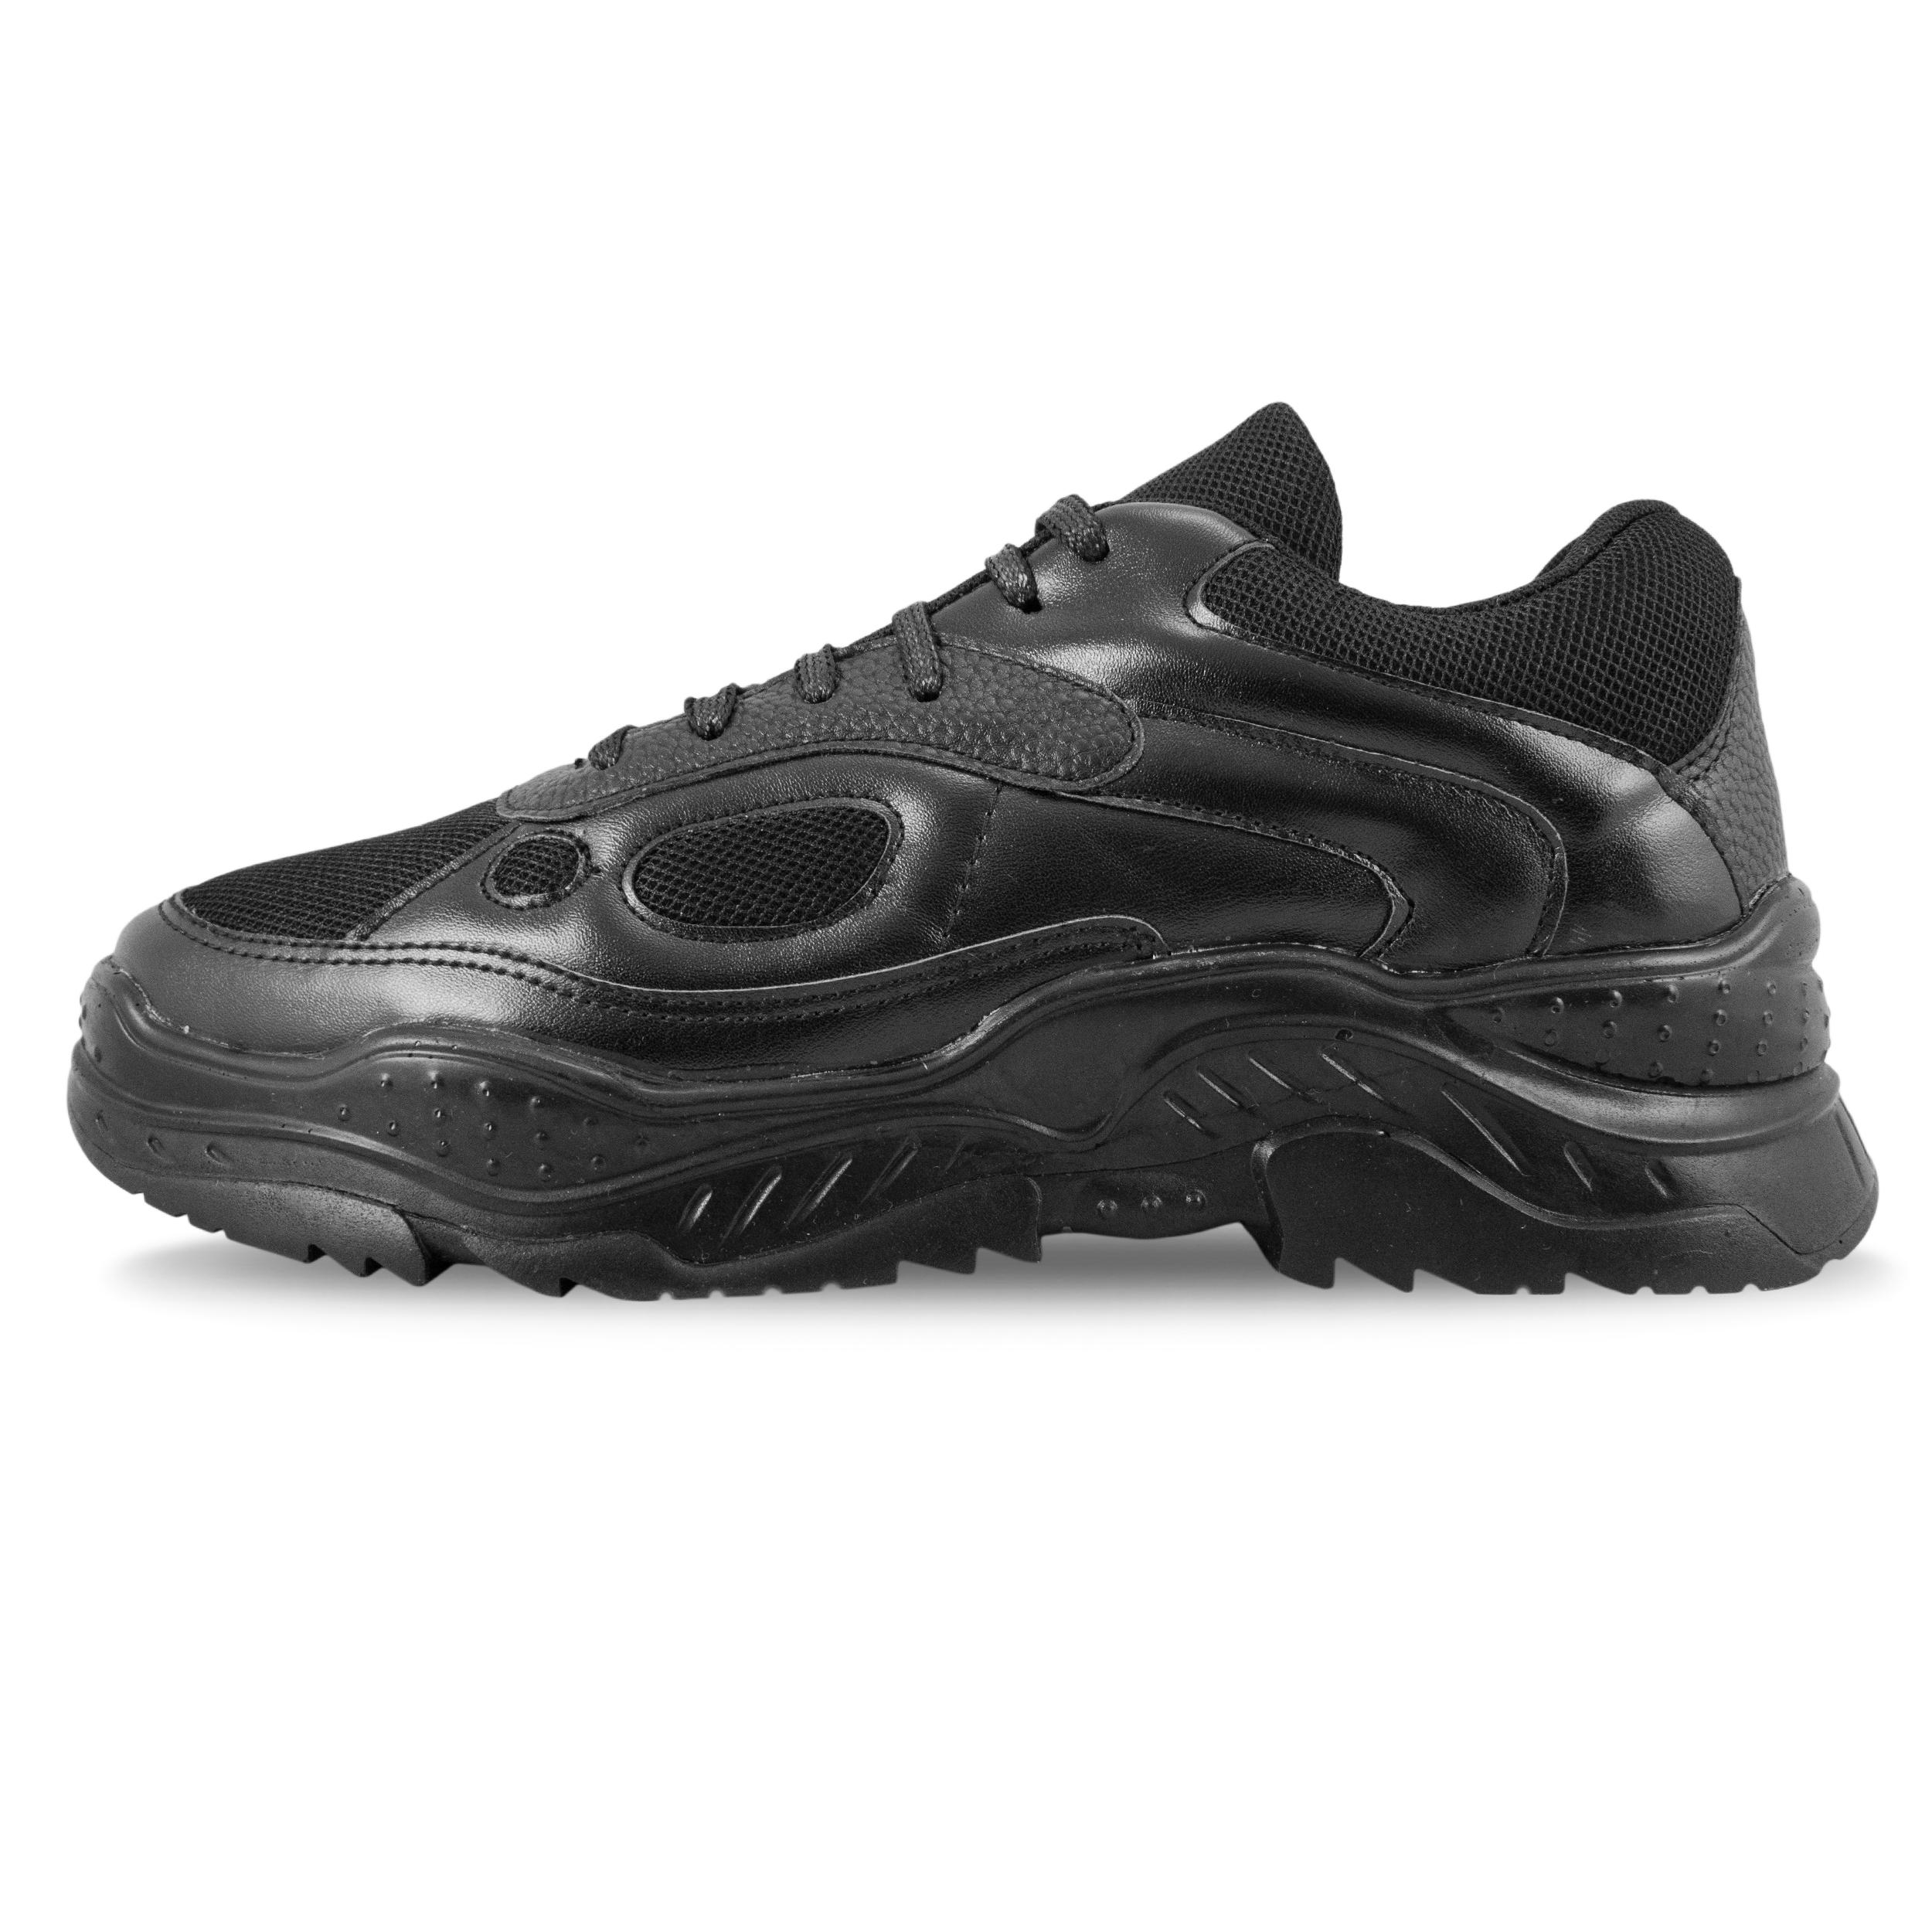 کفش مخصوص پیاده روی مردانه مدل بوناچر کد 4095